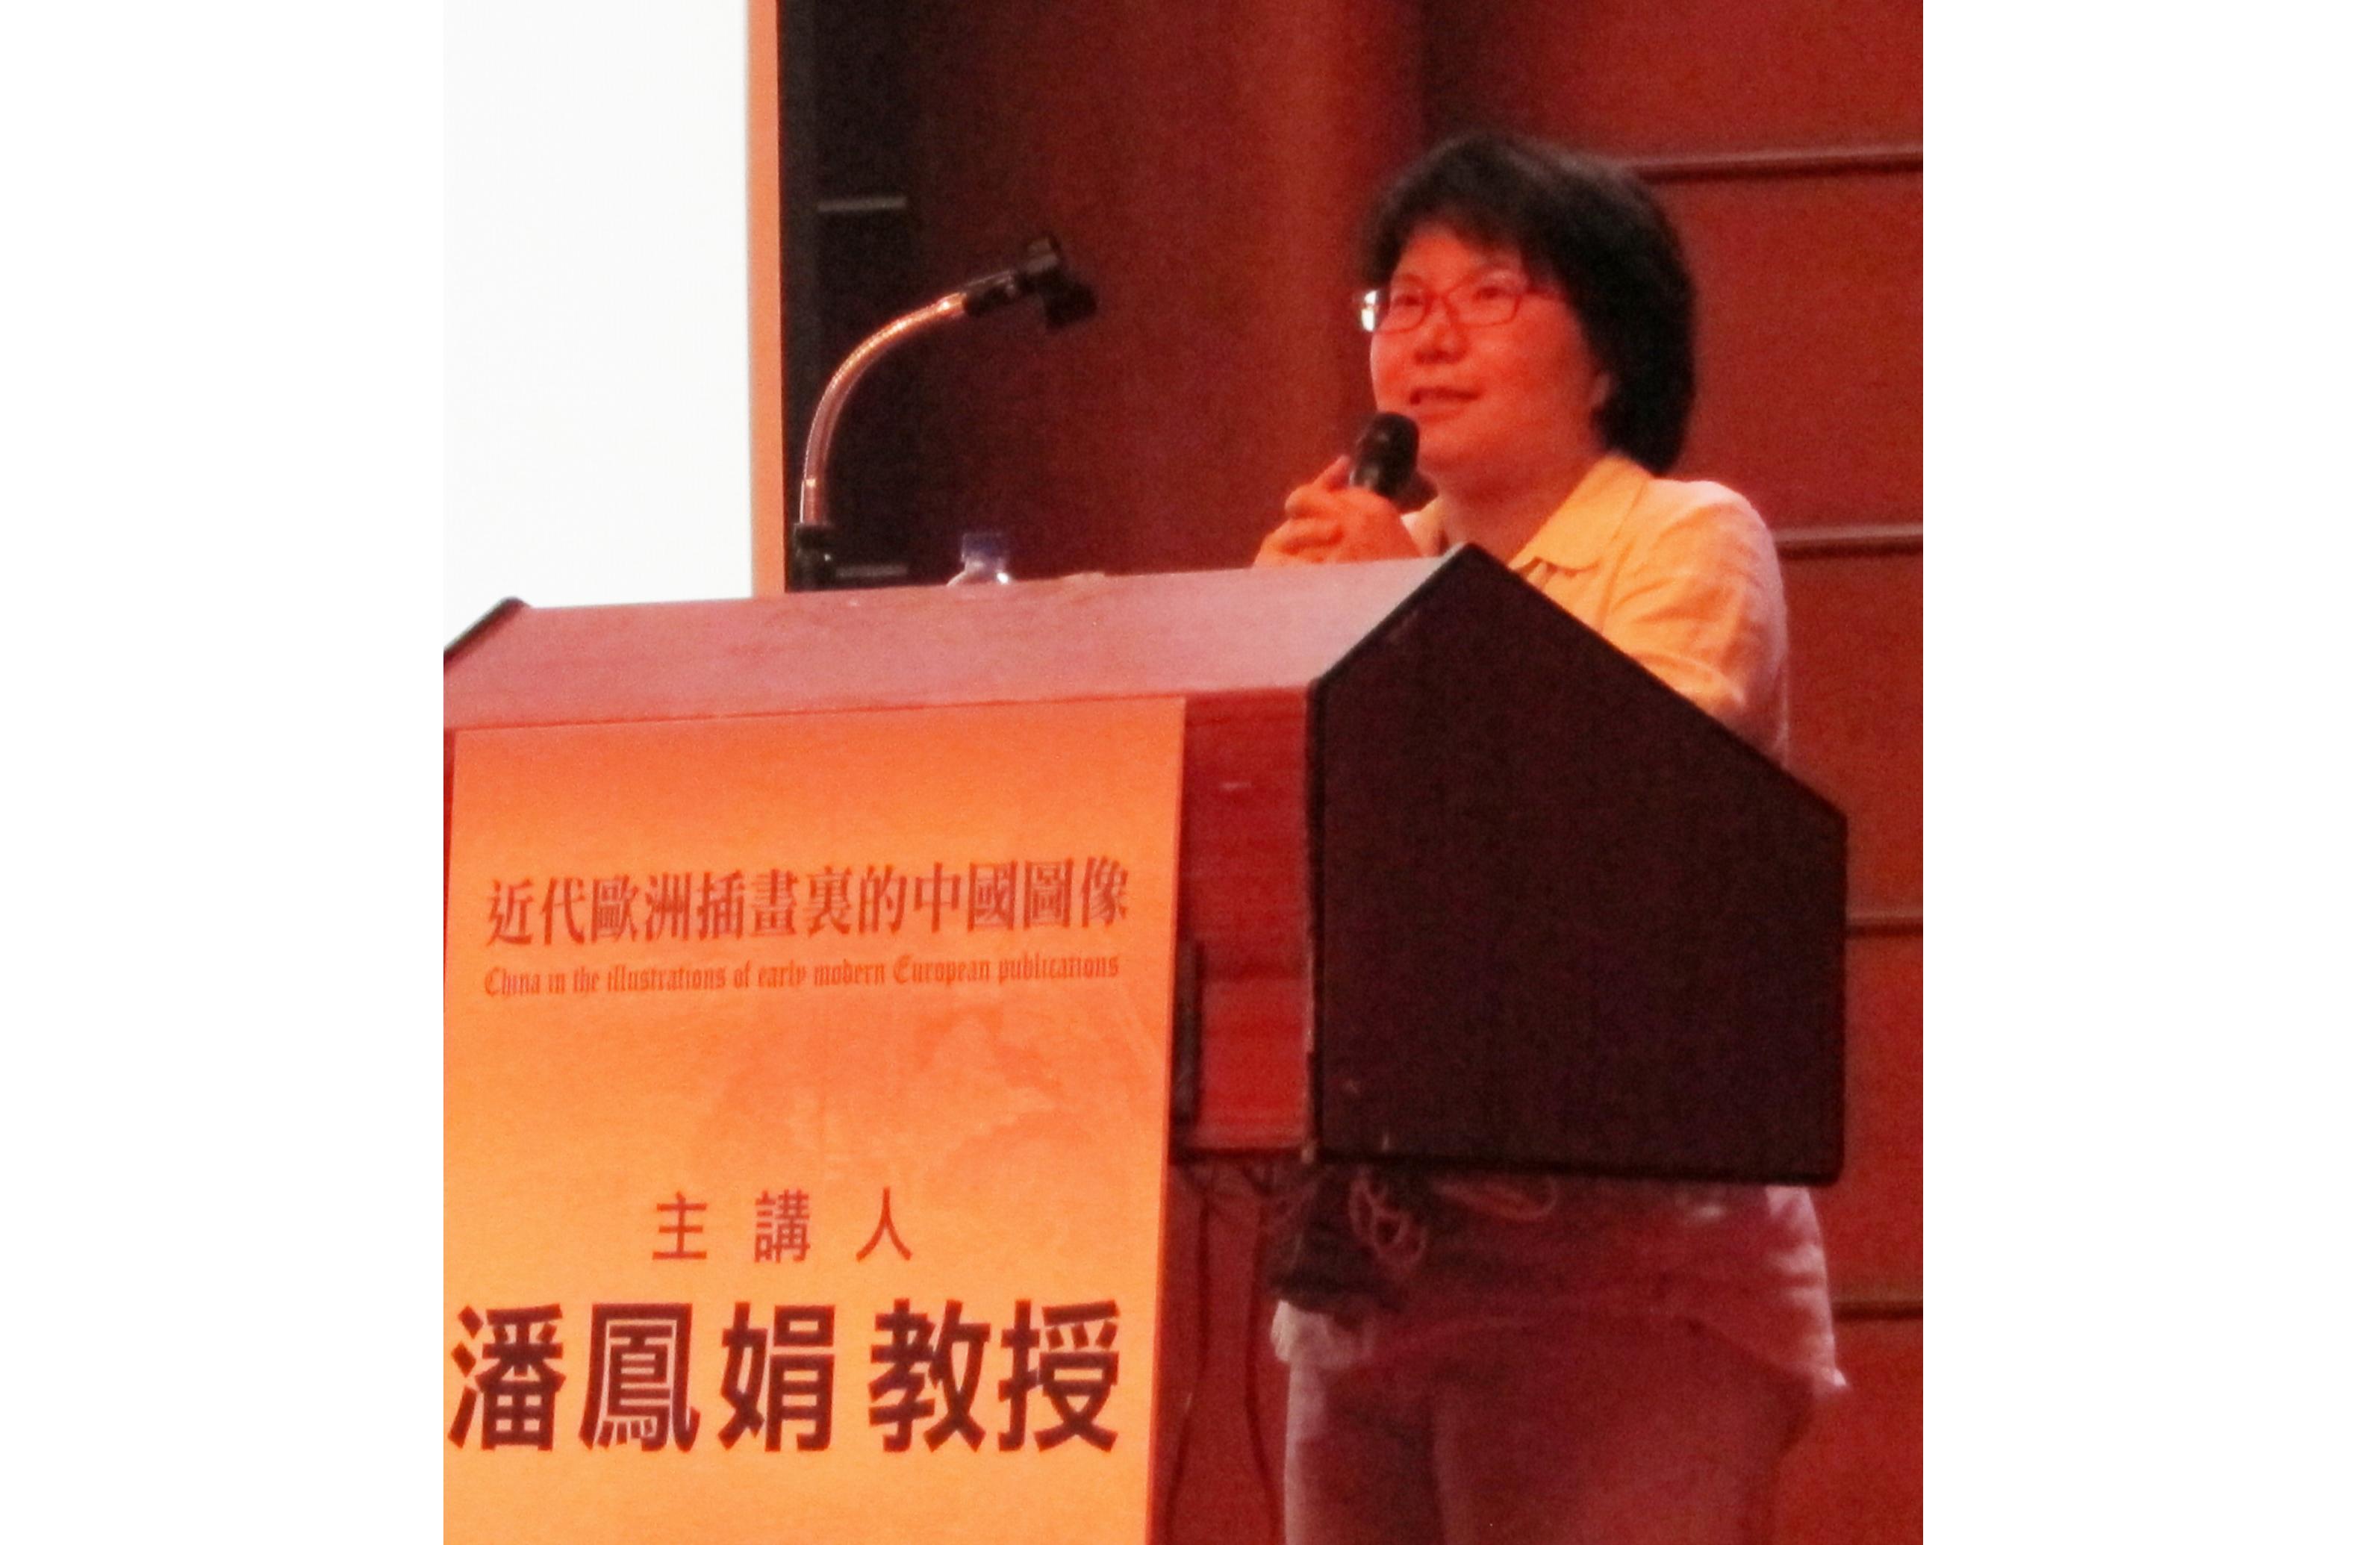 潘鳳娟教授演講「近代歐洲插畫裏的中國圖像」紀要